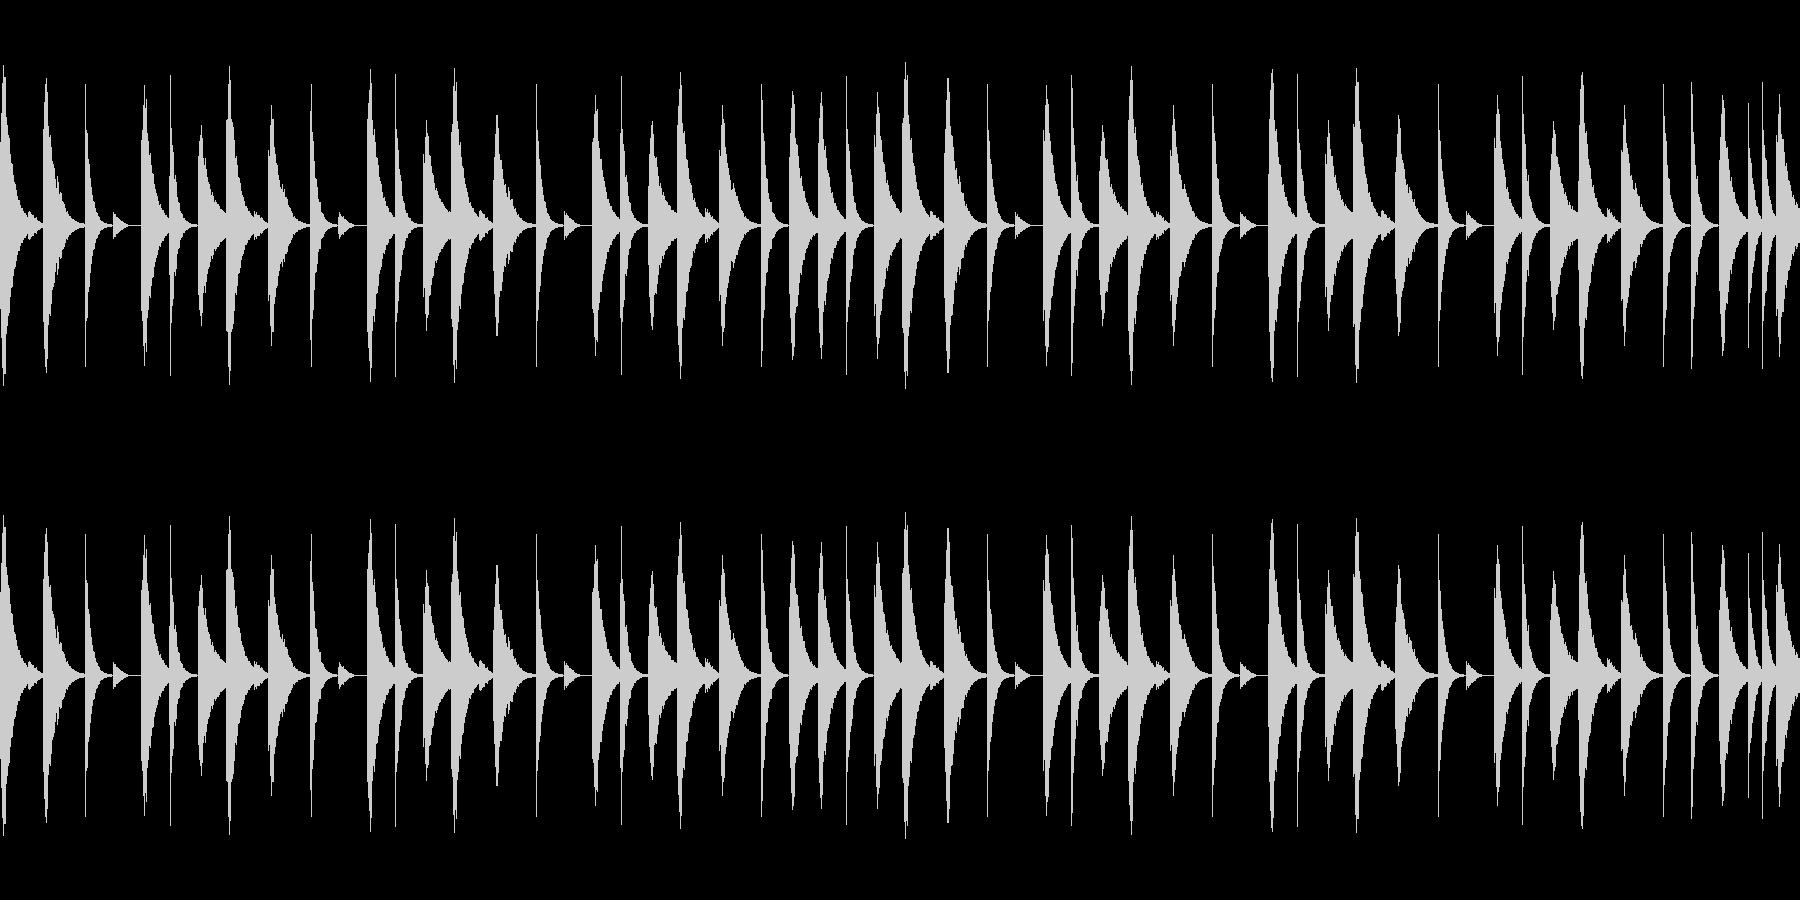 808音源を使用したシンプルなリズム04の未再生の波形